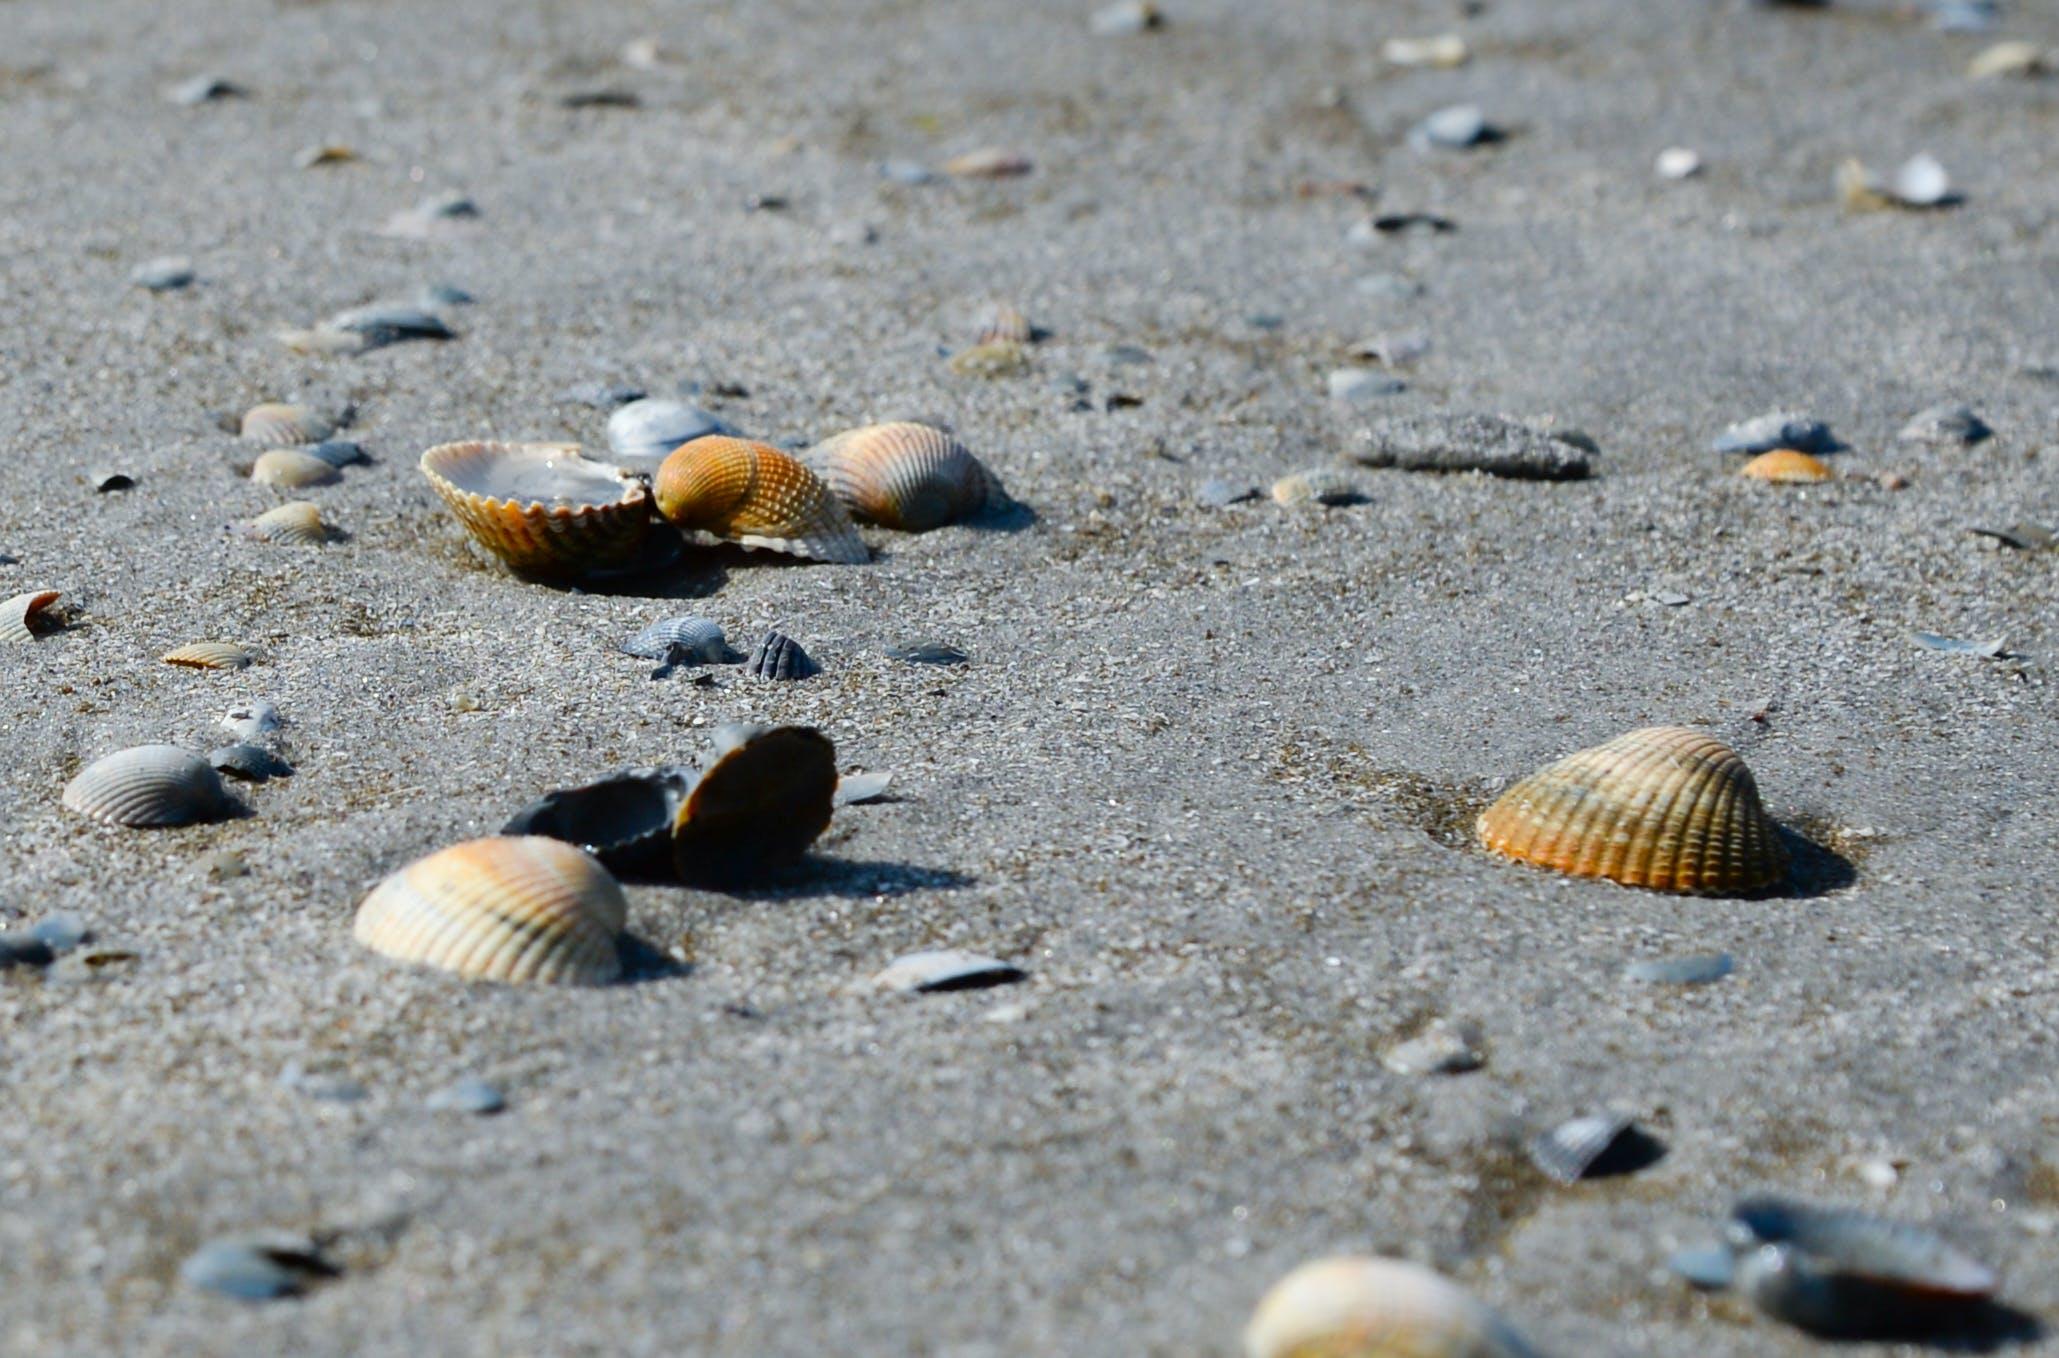 껍데기, 모래, 물, 바다의 무료 스톡 사진